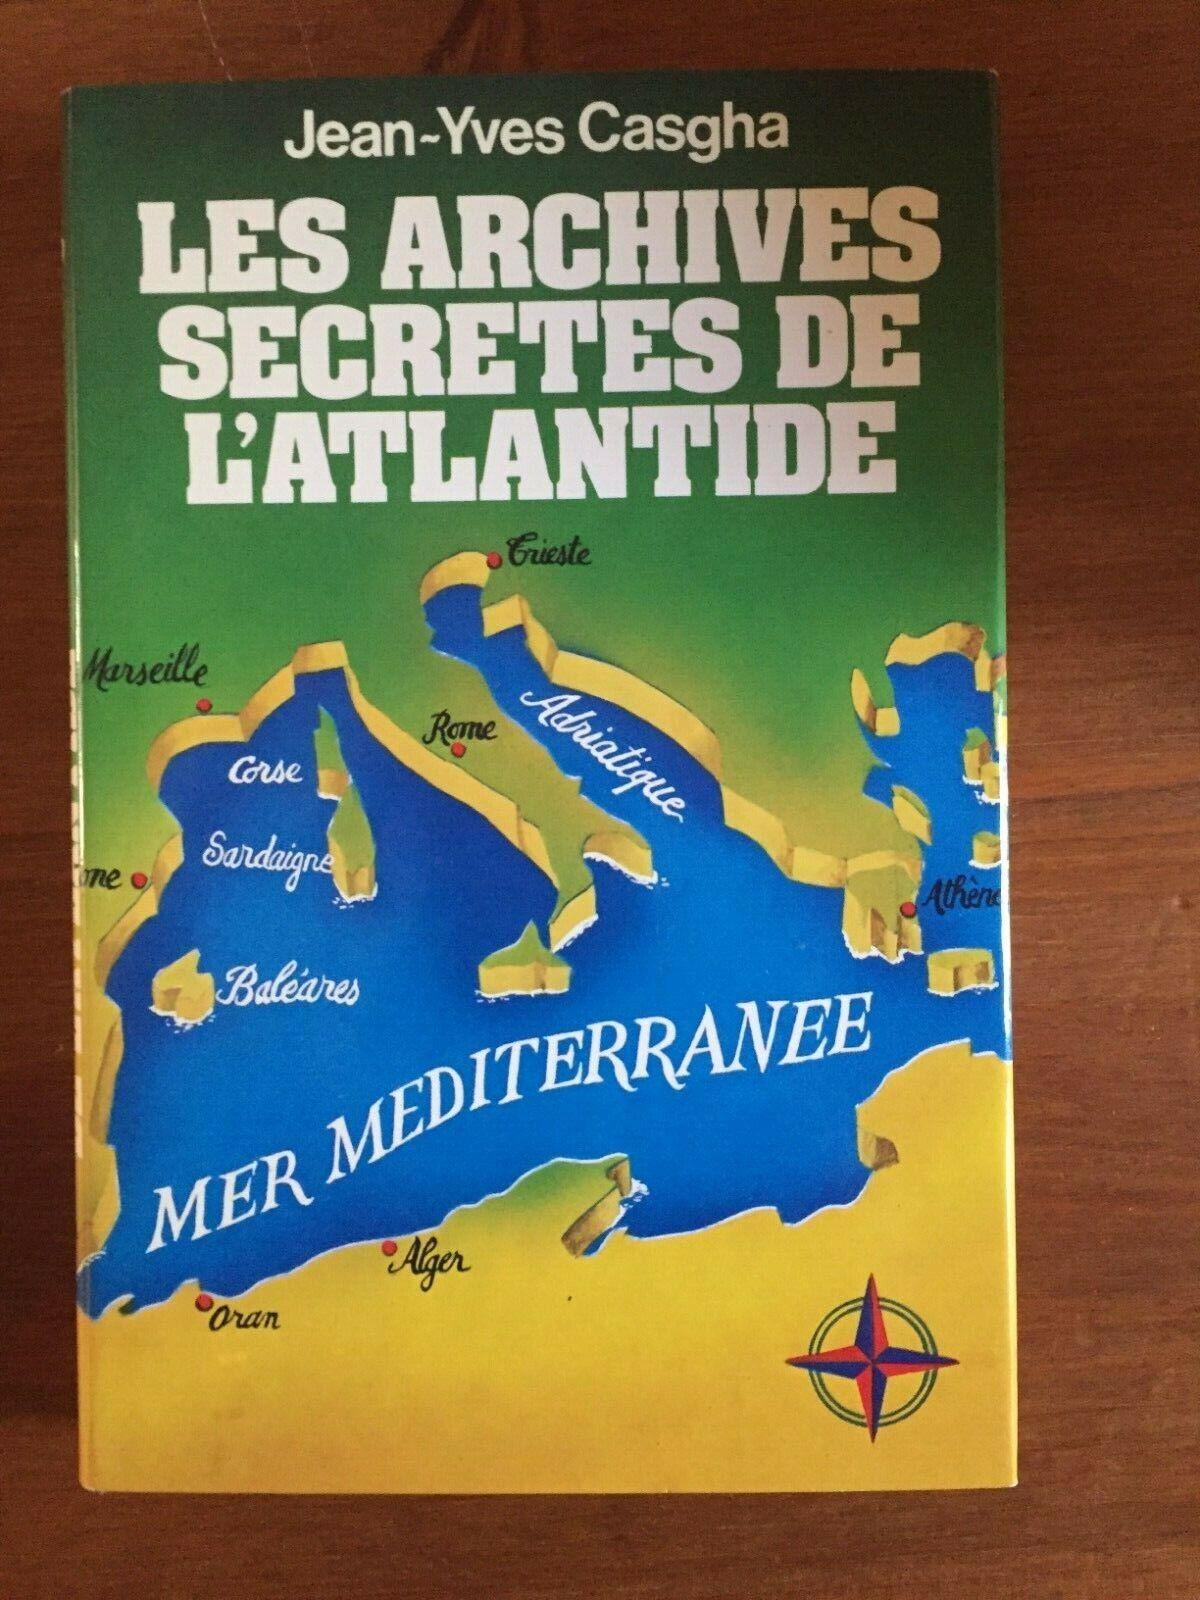 Les Archives secrètes de l'Atlantide - Jean Pierre Casgha